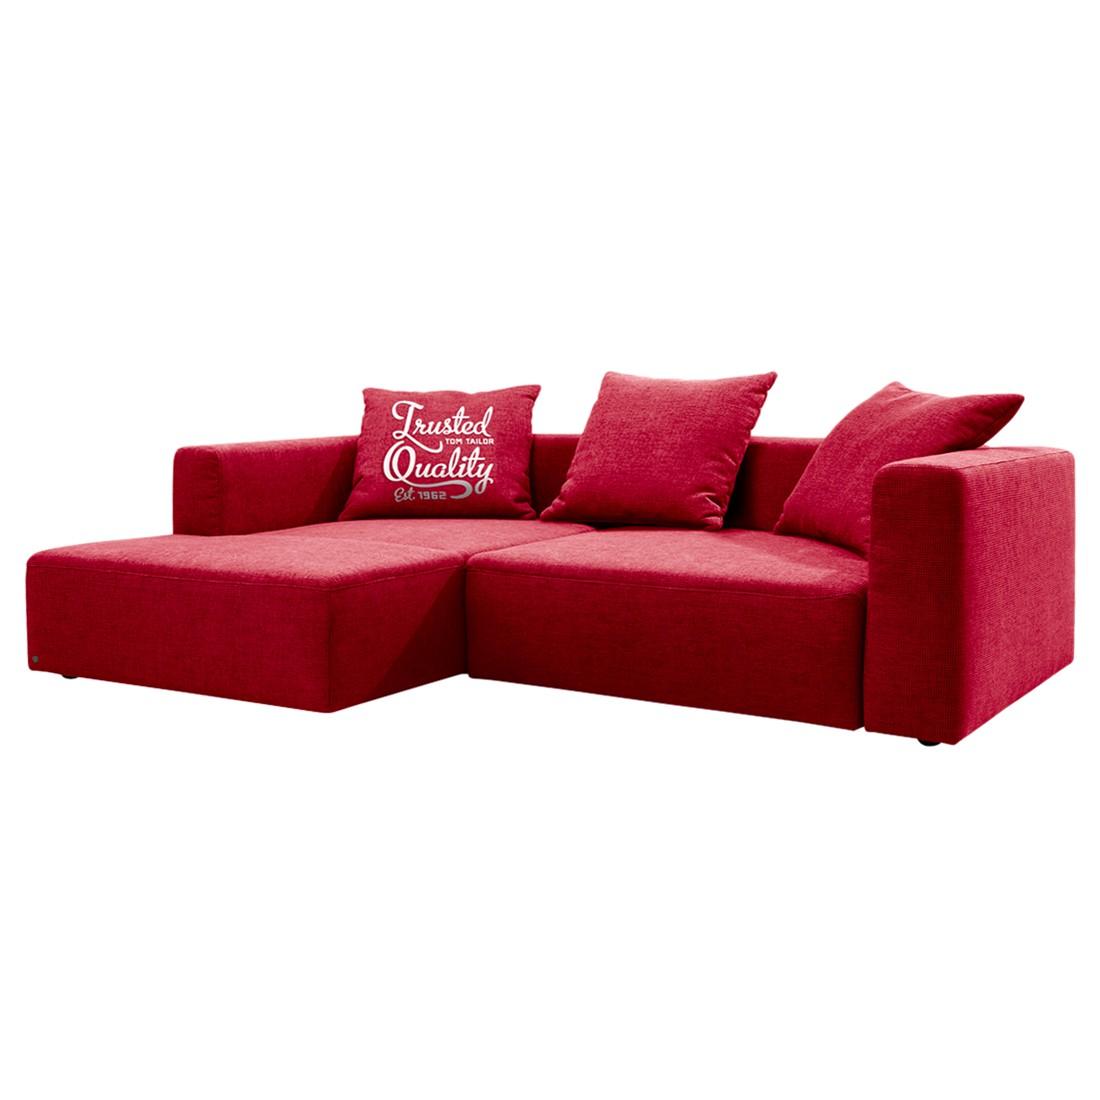 goedkoop Hoekbank Heaven Casual longchair vooraanzicht links Met slaapfunctie Stof TCU7 warm red Tom Tailor